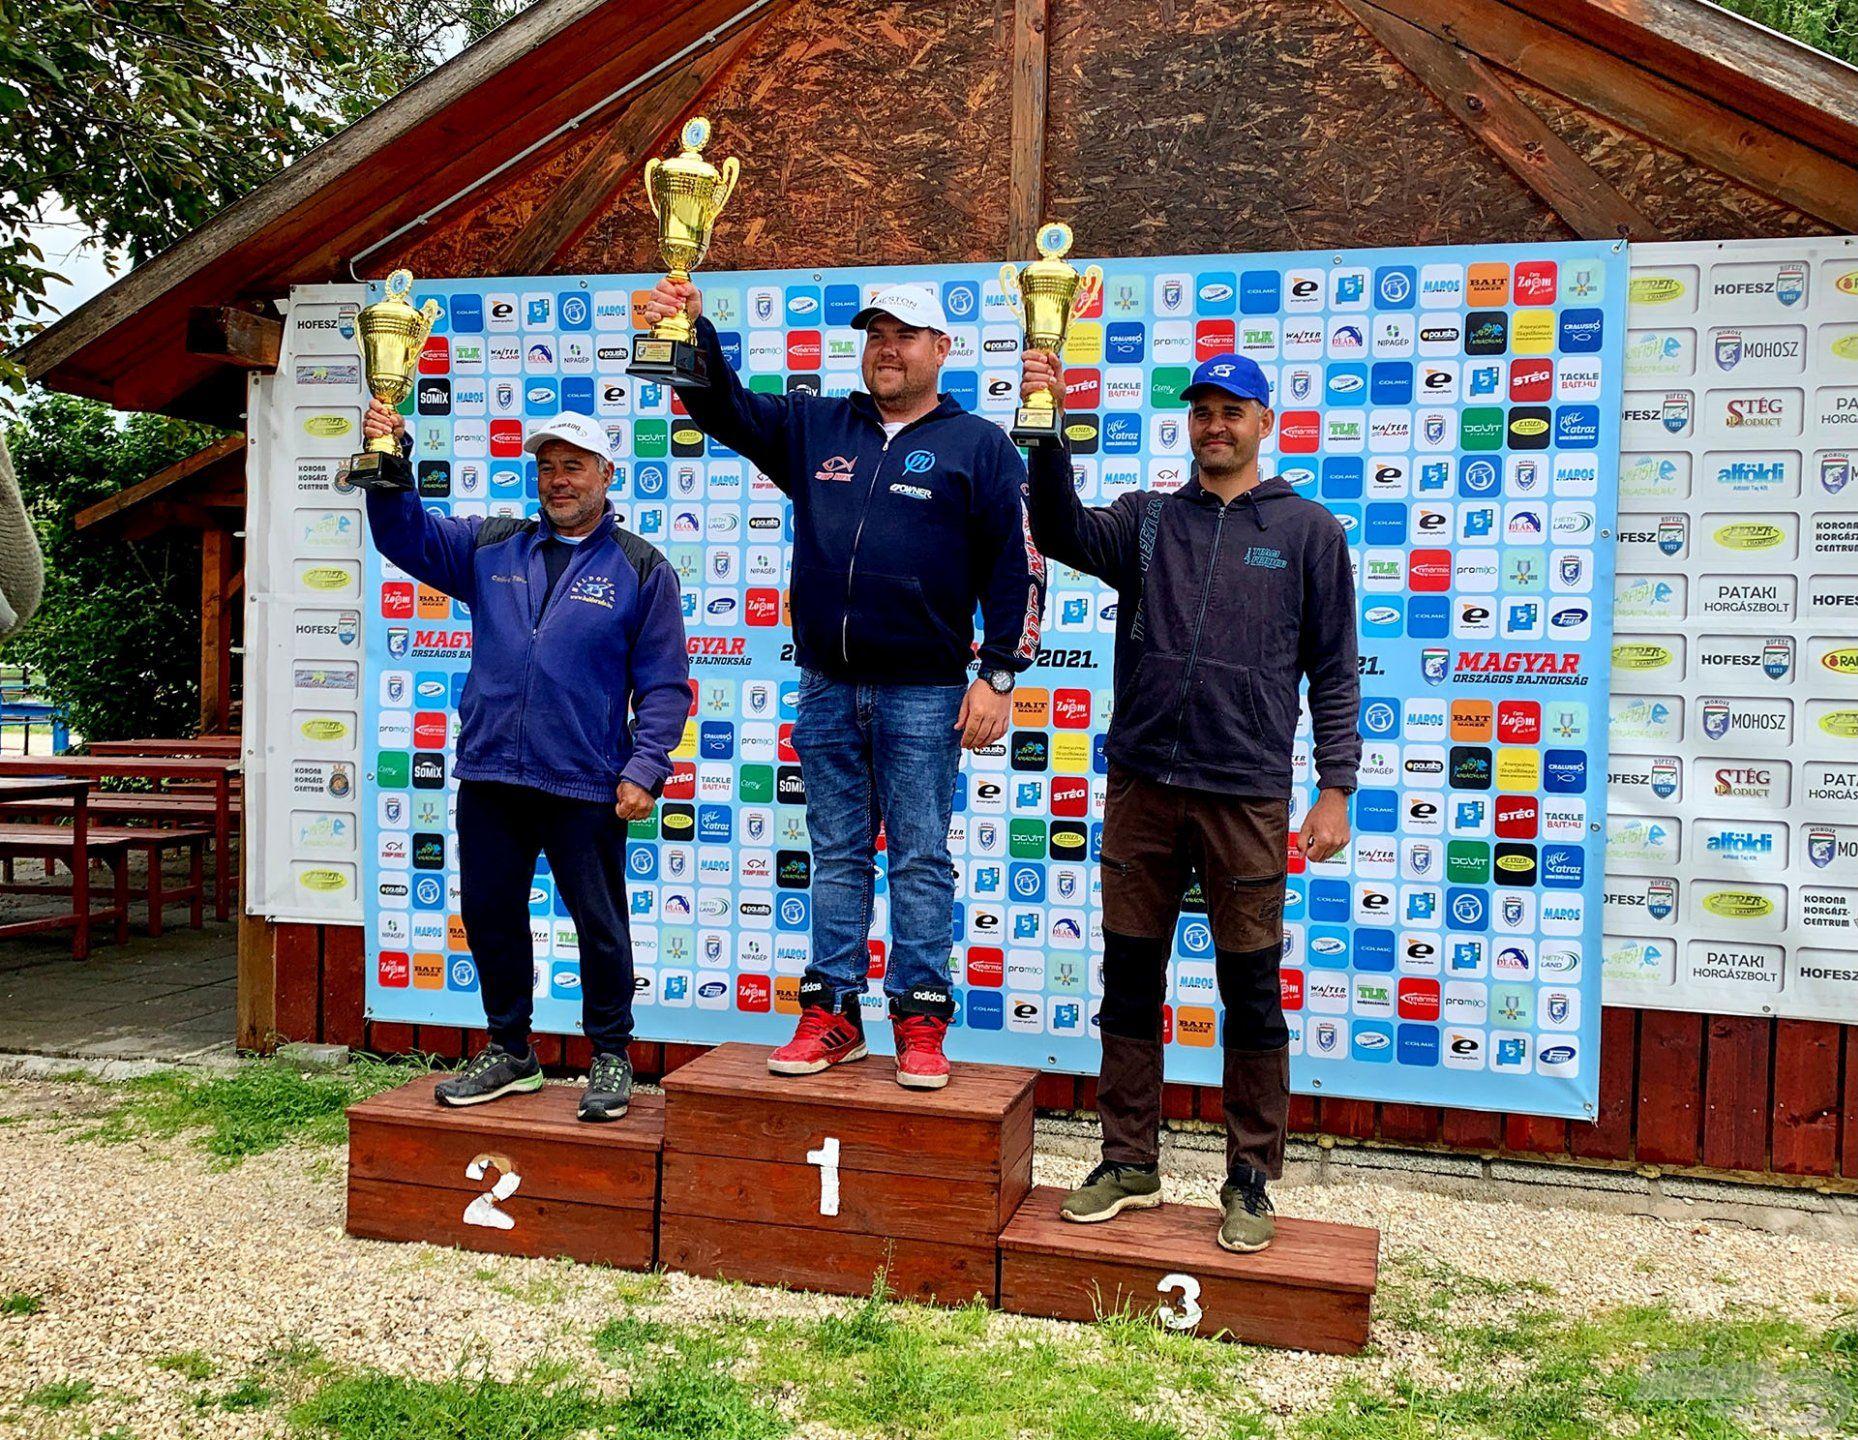 A Method Országos Bajnokság Palotavárosi-tavon rendezett középdöntőjének dobogósai: Petrovics Richárd (3 pont), Csővári Tibor (5 pont), Sipos Gábor (6 pont)